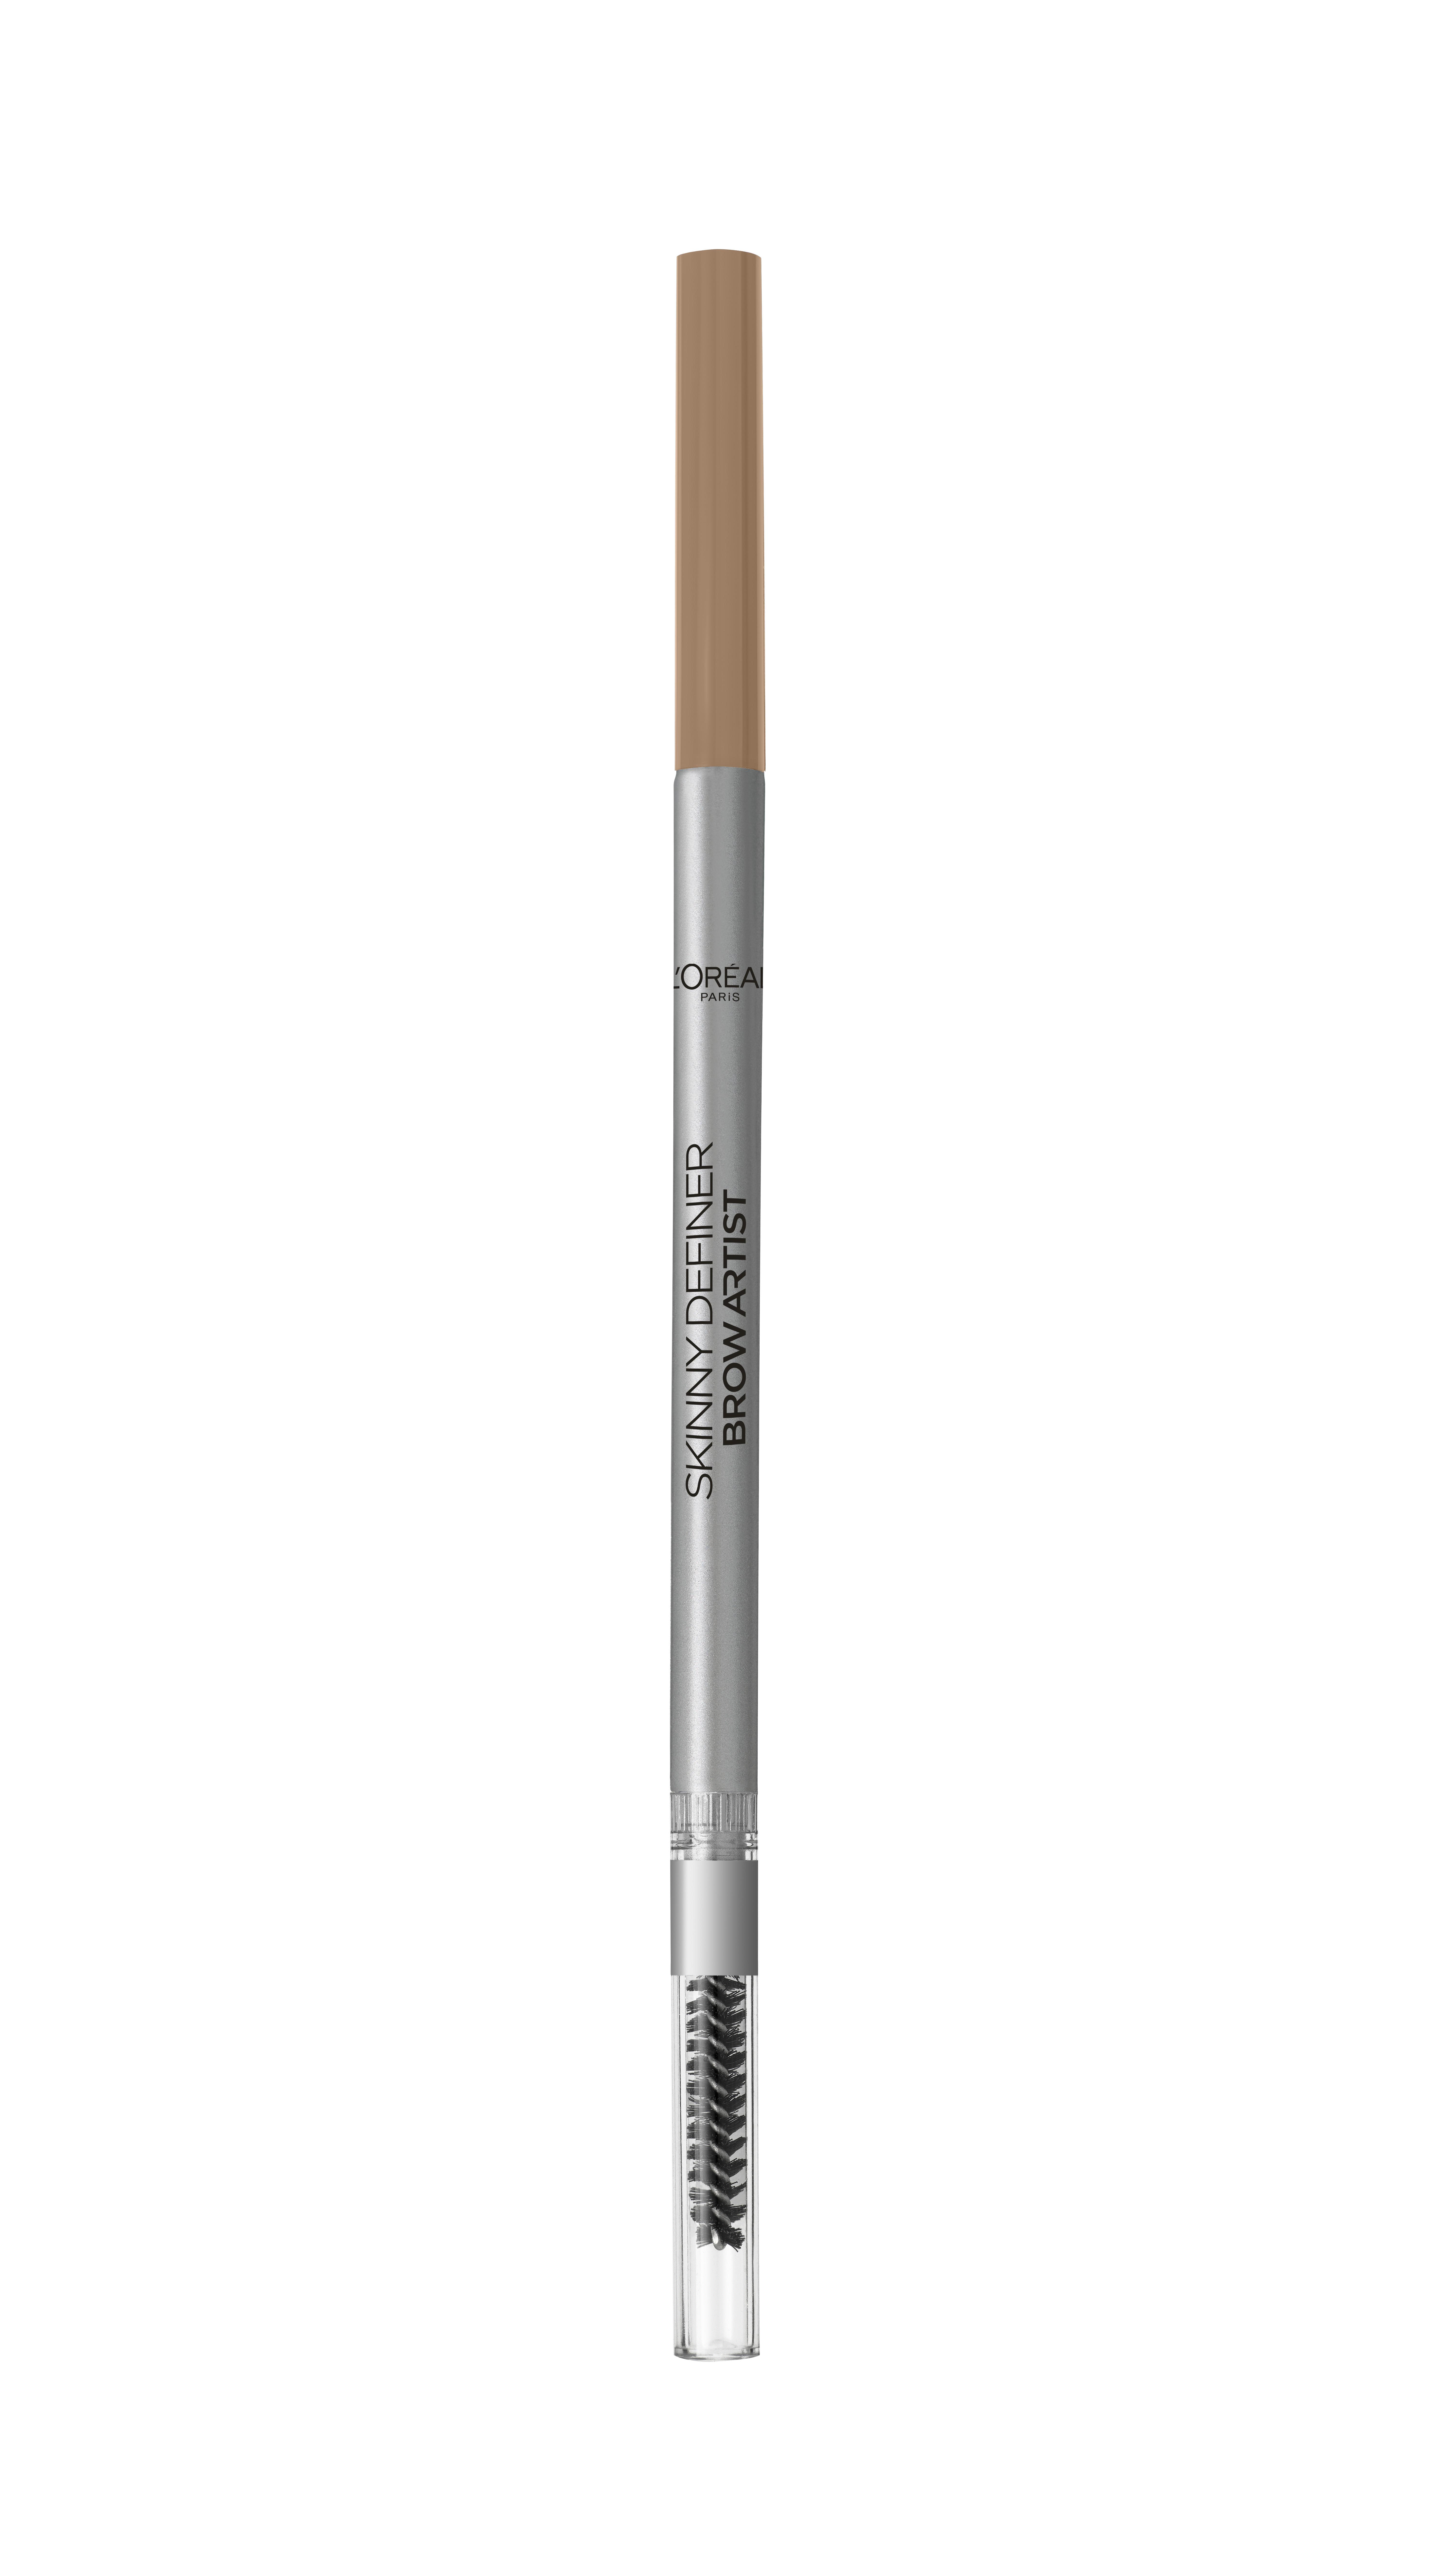 Купить Карандаш для бровей L'Oreal Brow Artist Skinny Definer, тон 101 светло-коричневый, L'Oreal Paris